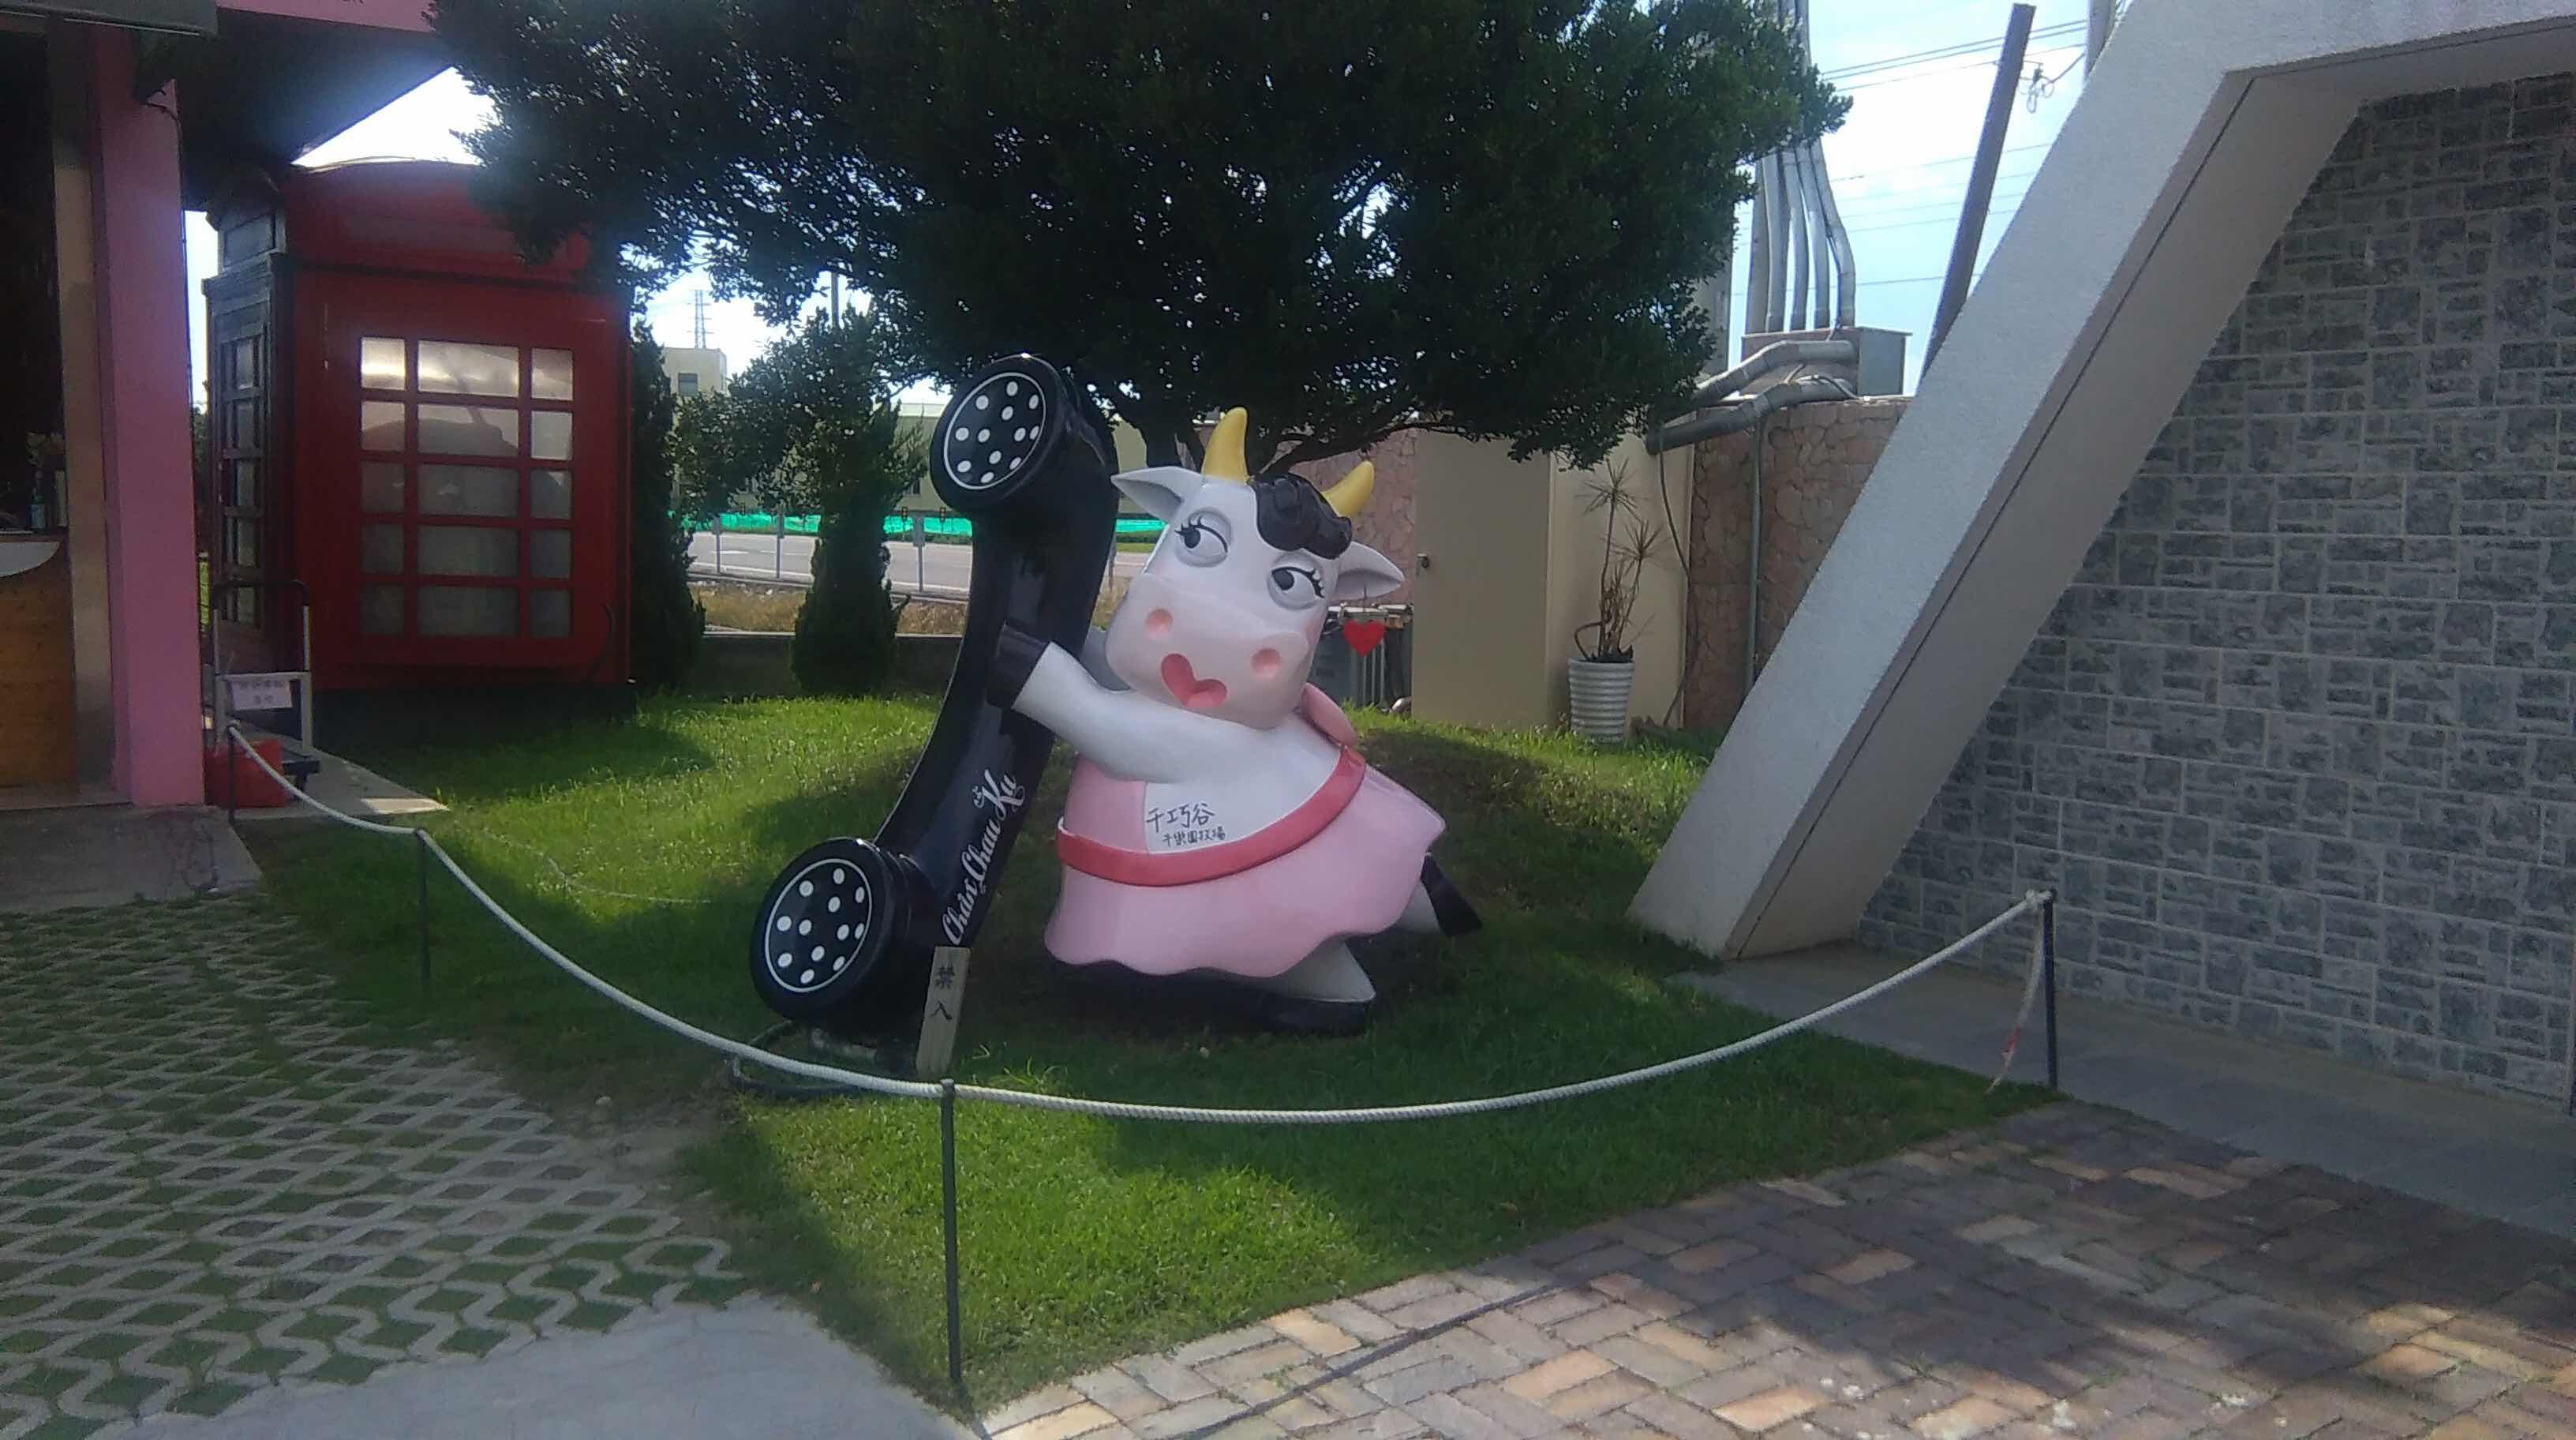 chan chau ku ranch, cow sculptures, lunbei, taiwan